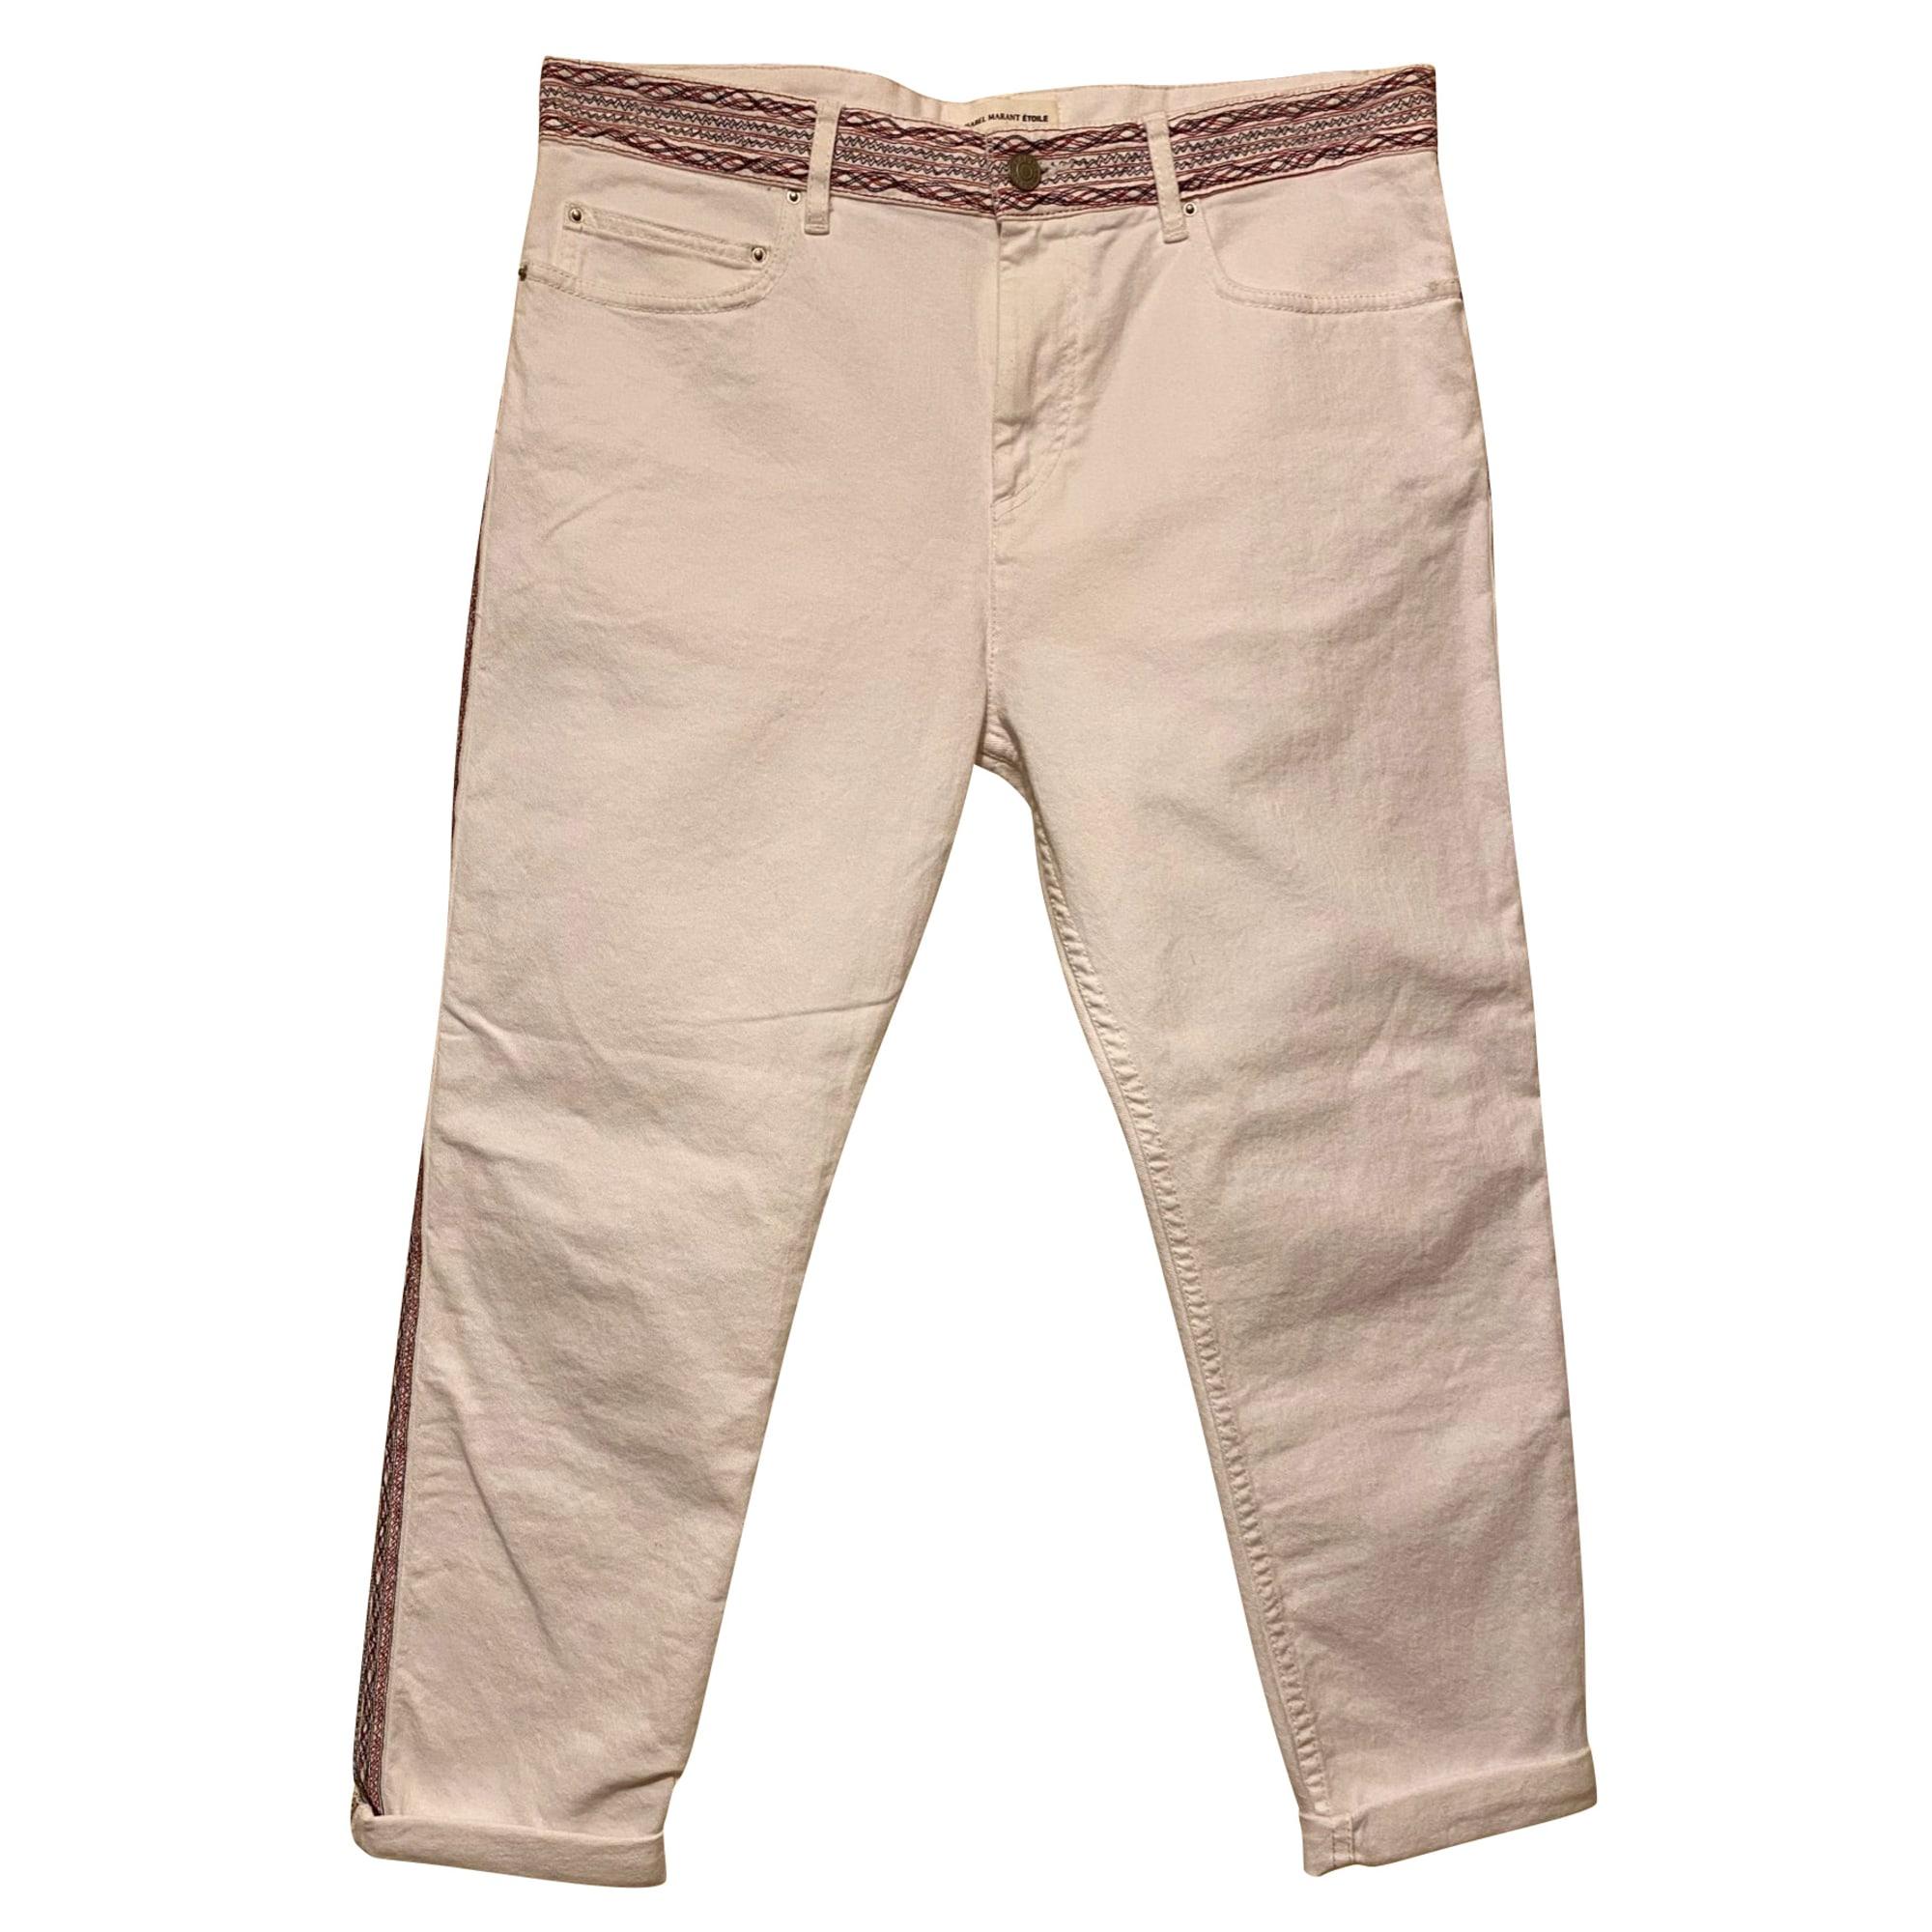 Pantalon slim, cigarette ISABEL MARANT ETOILE Blanc, blanc cassé, écru